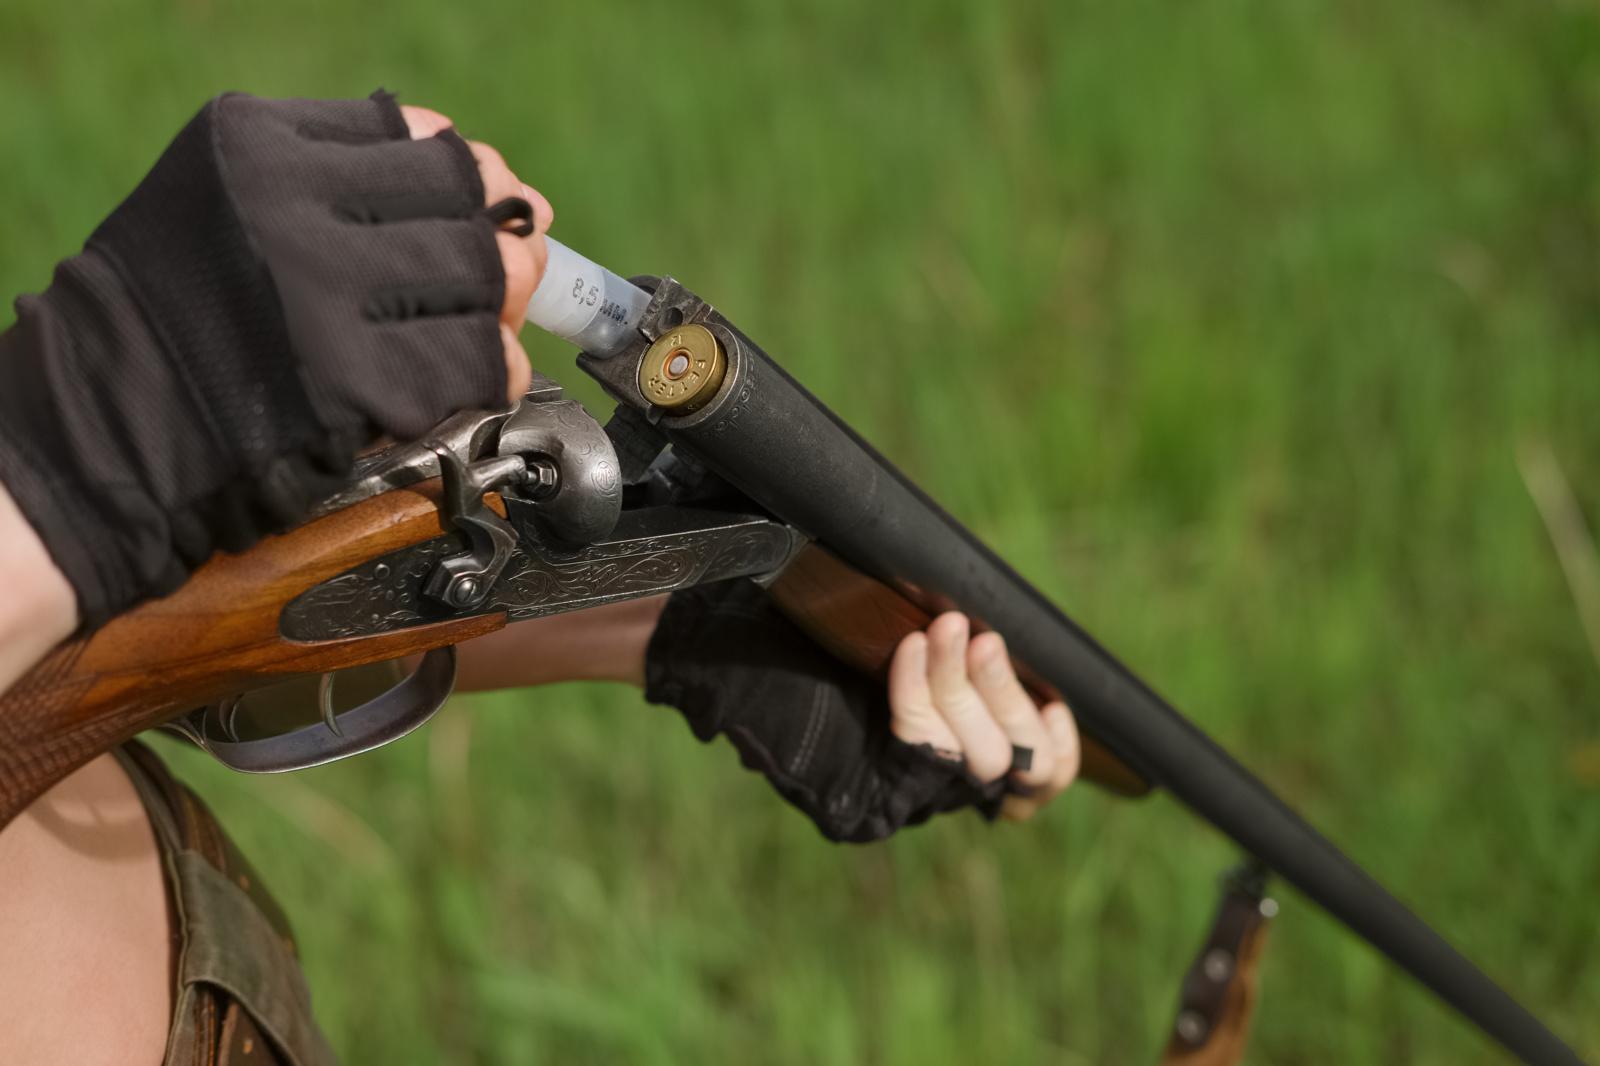 Policija Lazdijų rajone konfiskavo nelegaliai laikomą ginklą